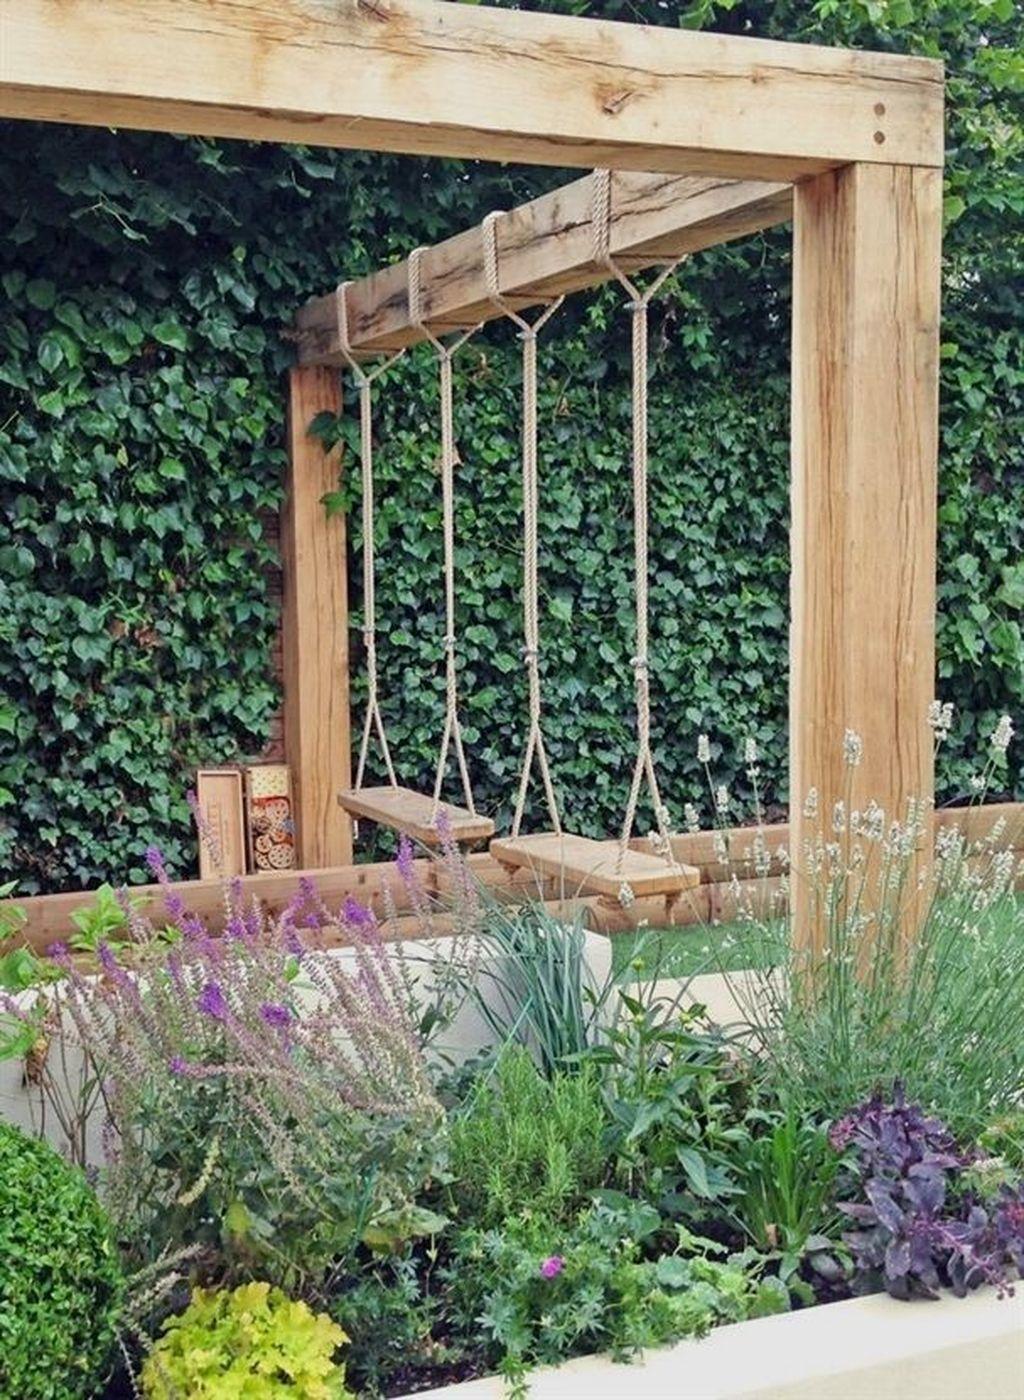 30 Marvelous Garden Design Ideas For Kids